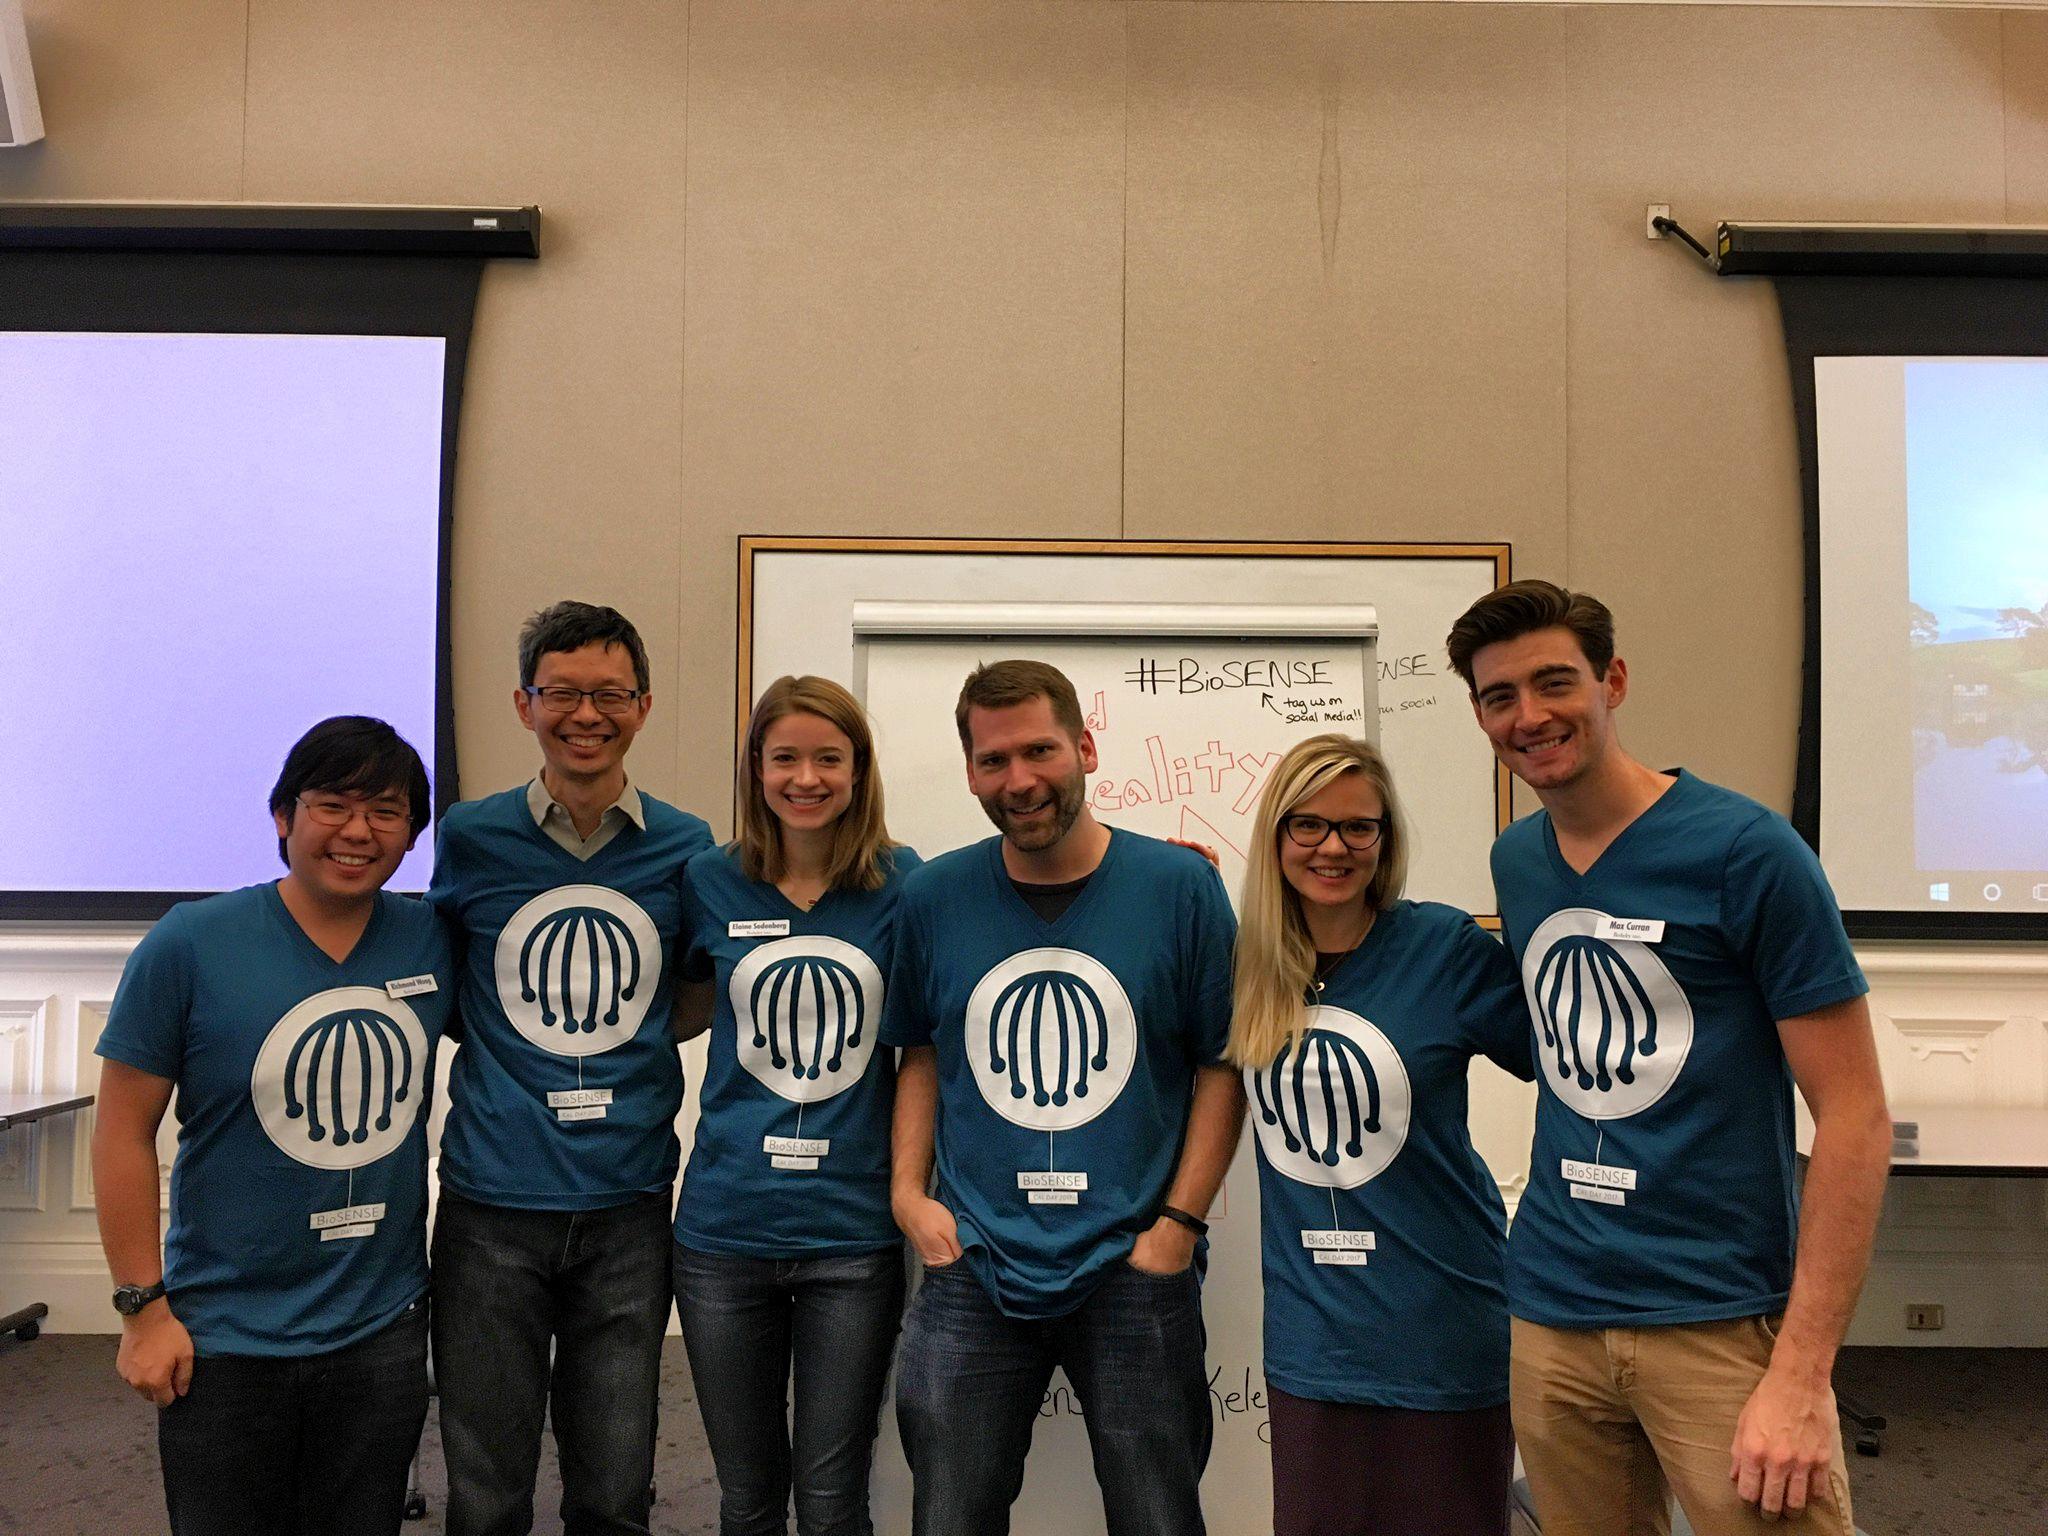 Members of the BioSENSE team at Cal Day